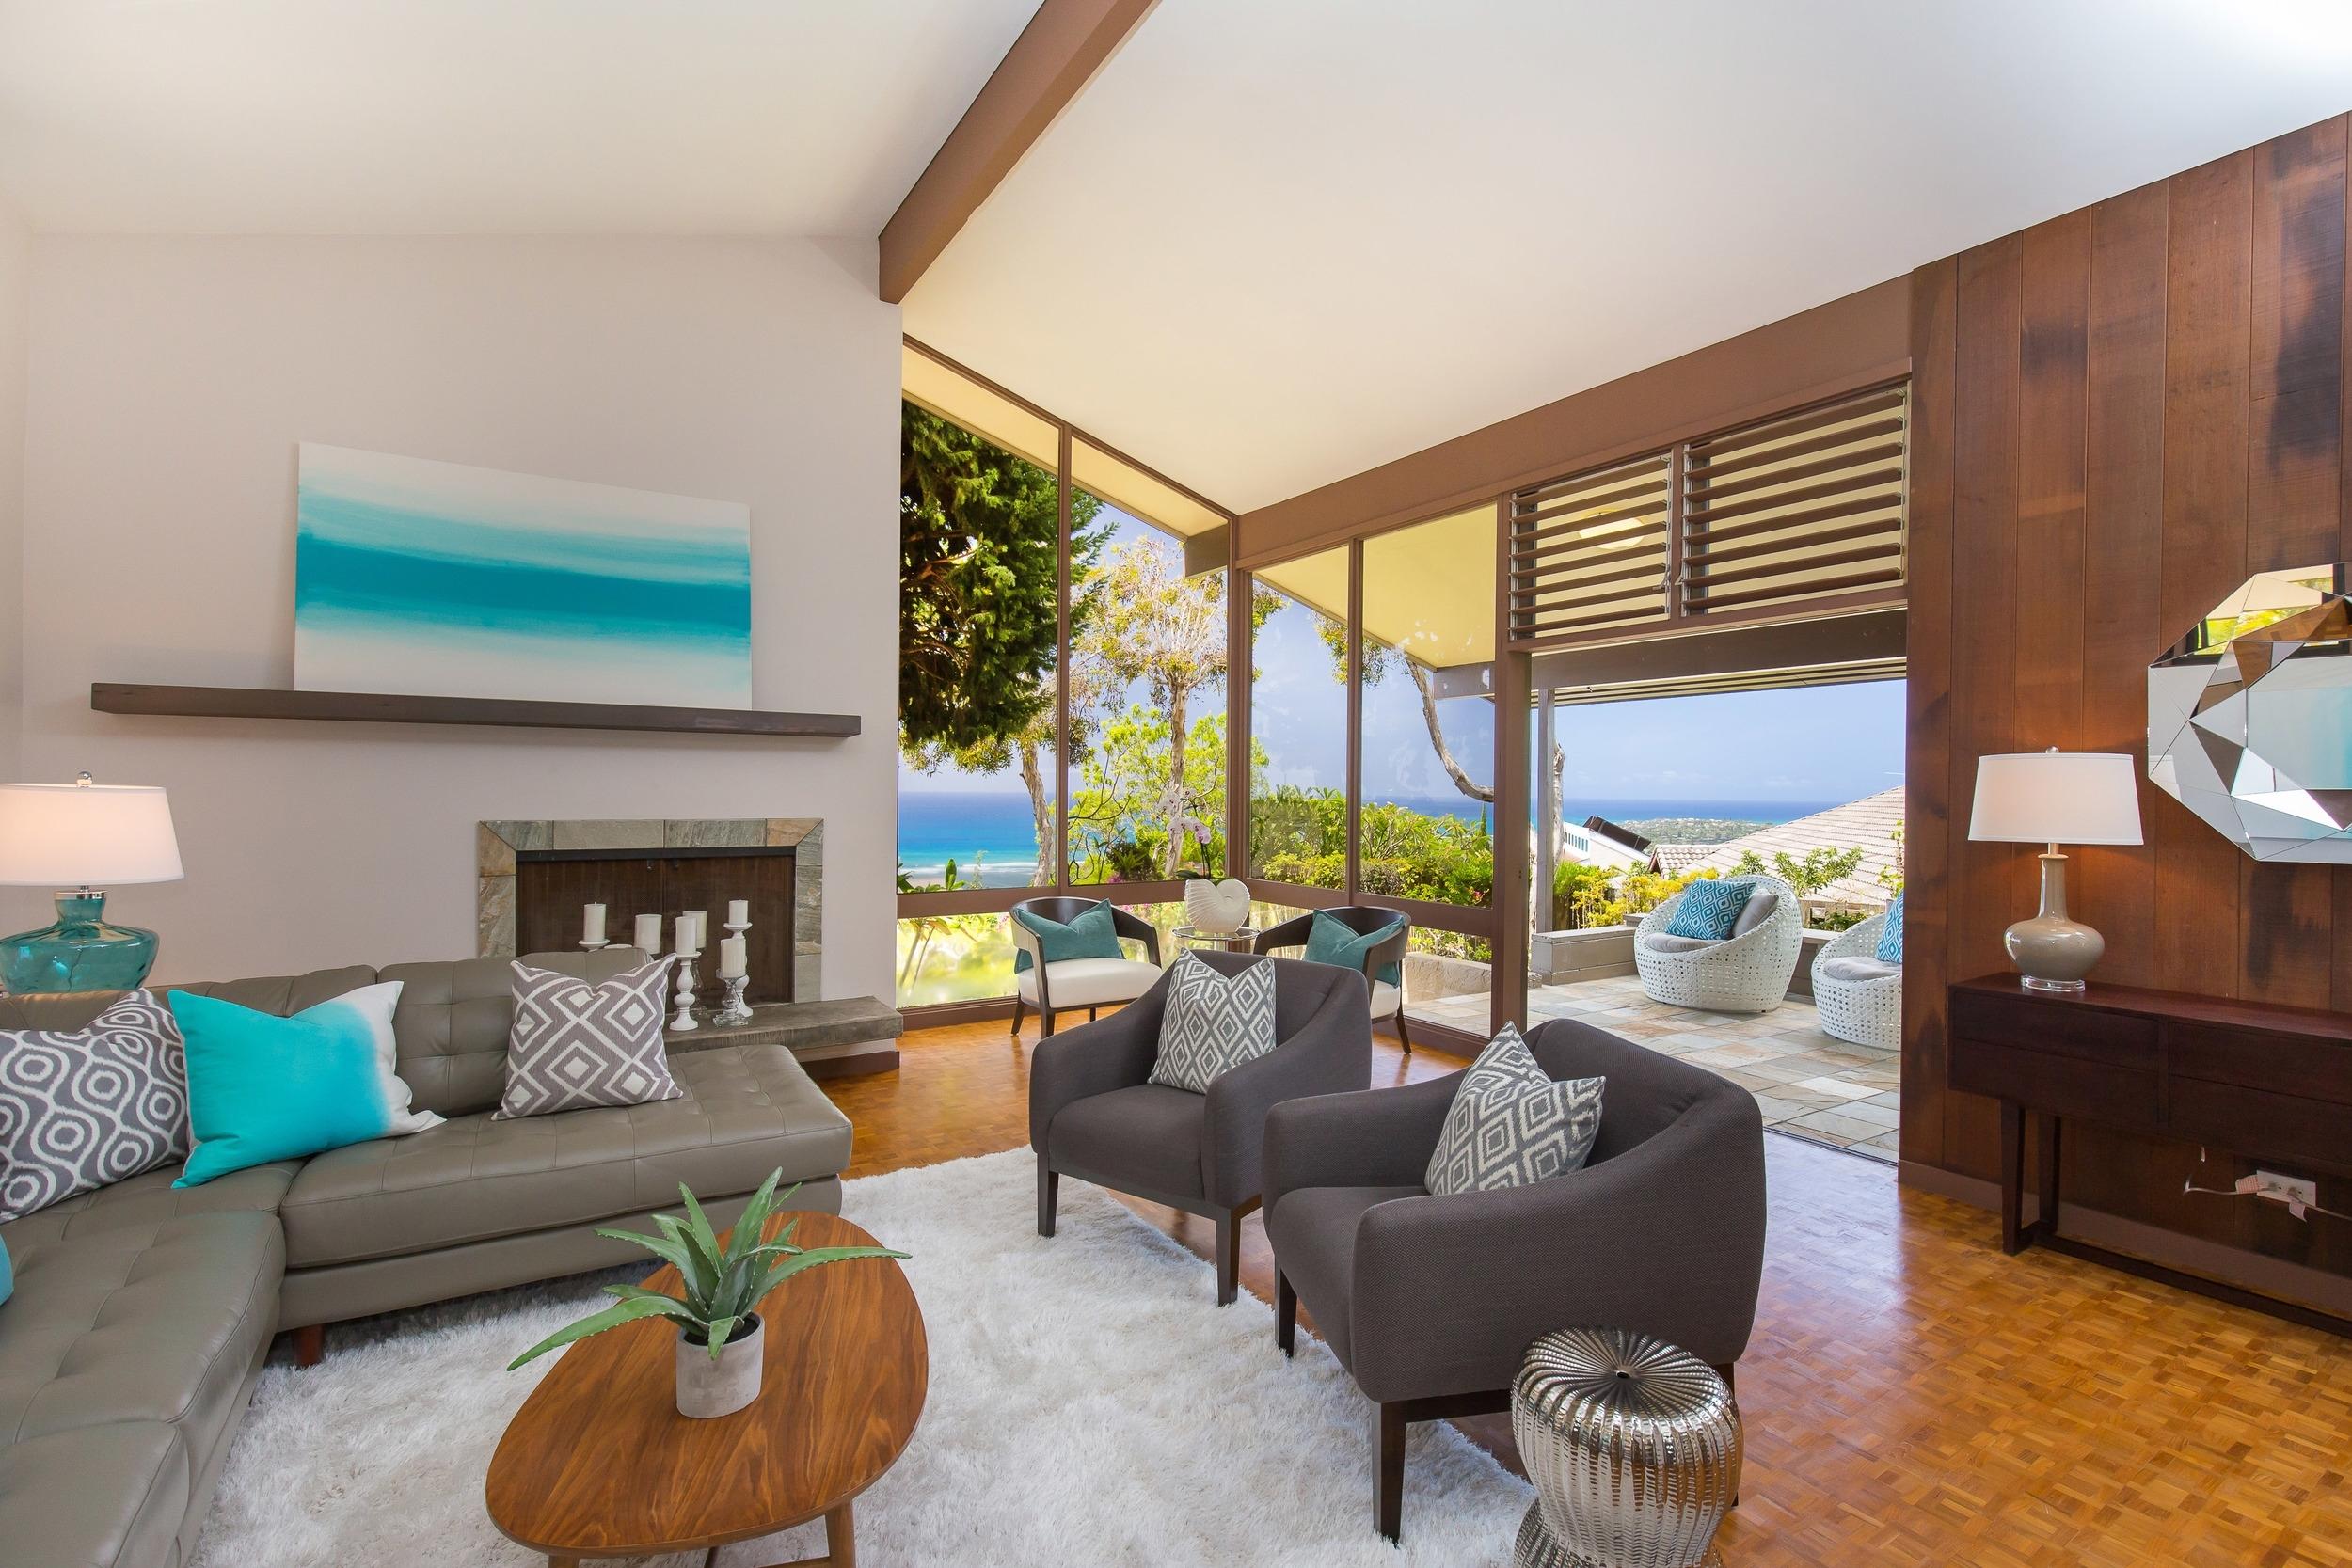 Inouye Interiors LLC, Luxury Home Staging Hawaii, Home Staging Hawaii, Inouye Interiors, Best Home Stagers Hawaii, Home Stagers in Hawaii, Stagers Hawaii, Home Stager Hawaii, Luxury Home Staging